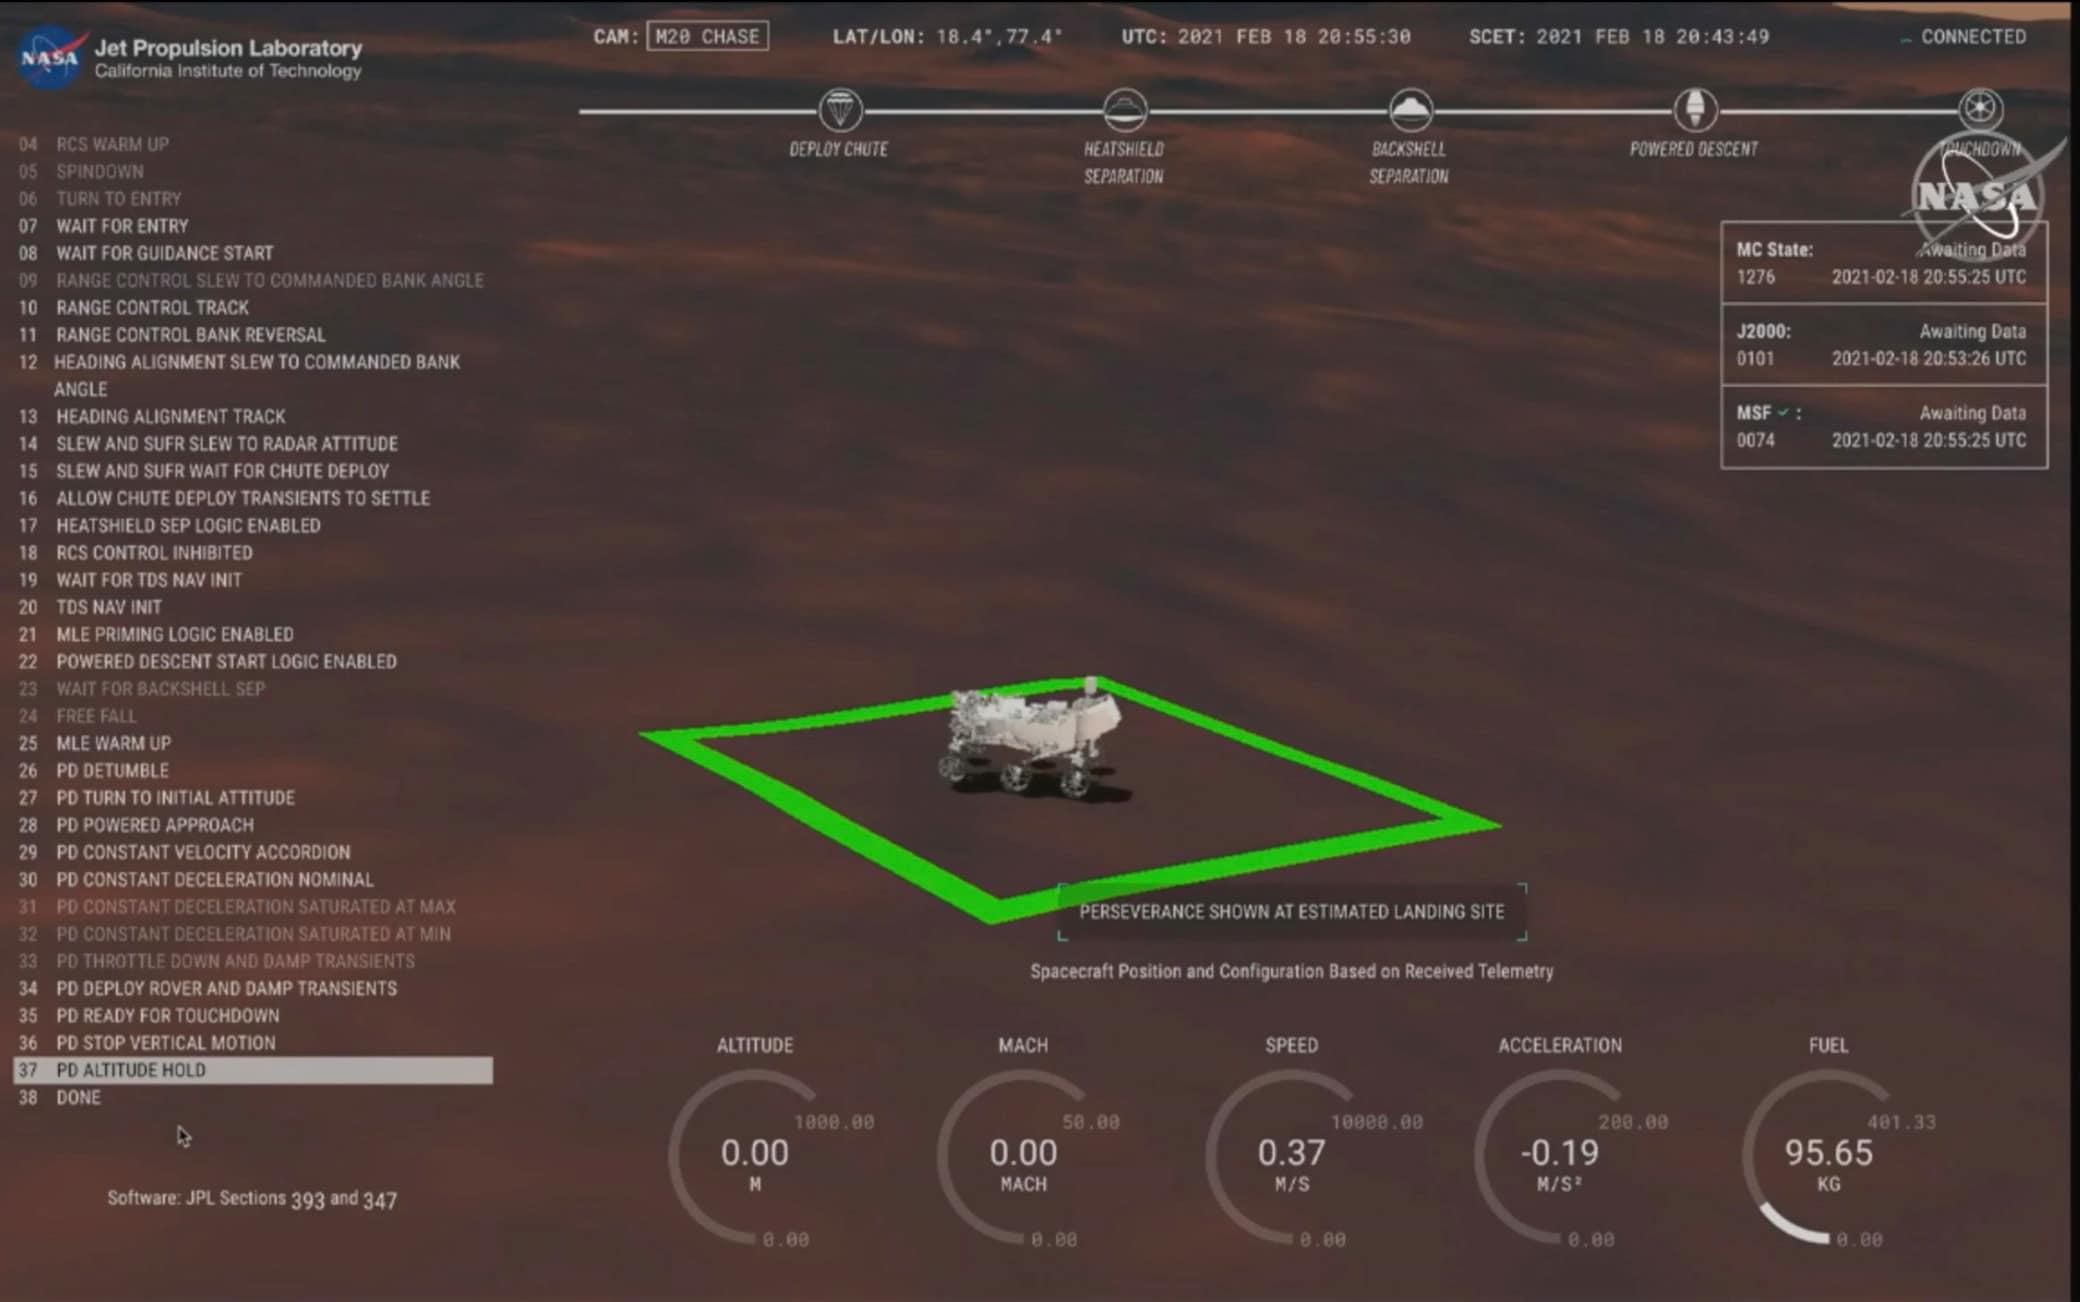 Perseverance arriva su Marte: 18 febbraio 2021